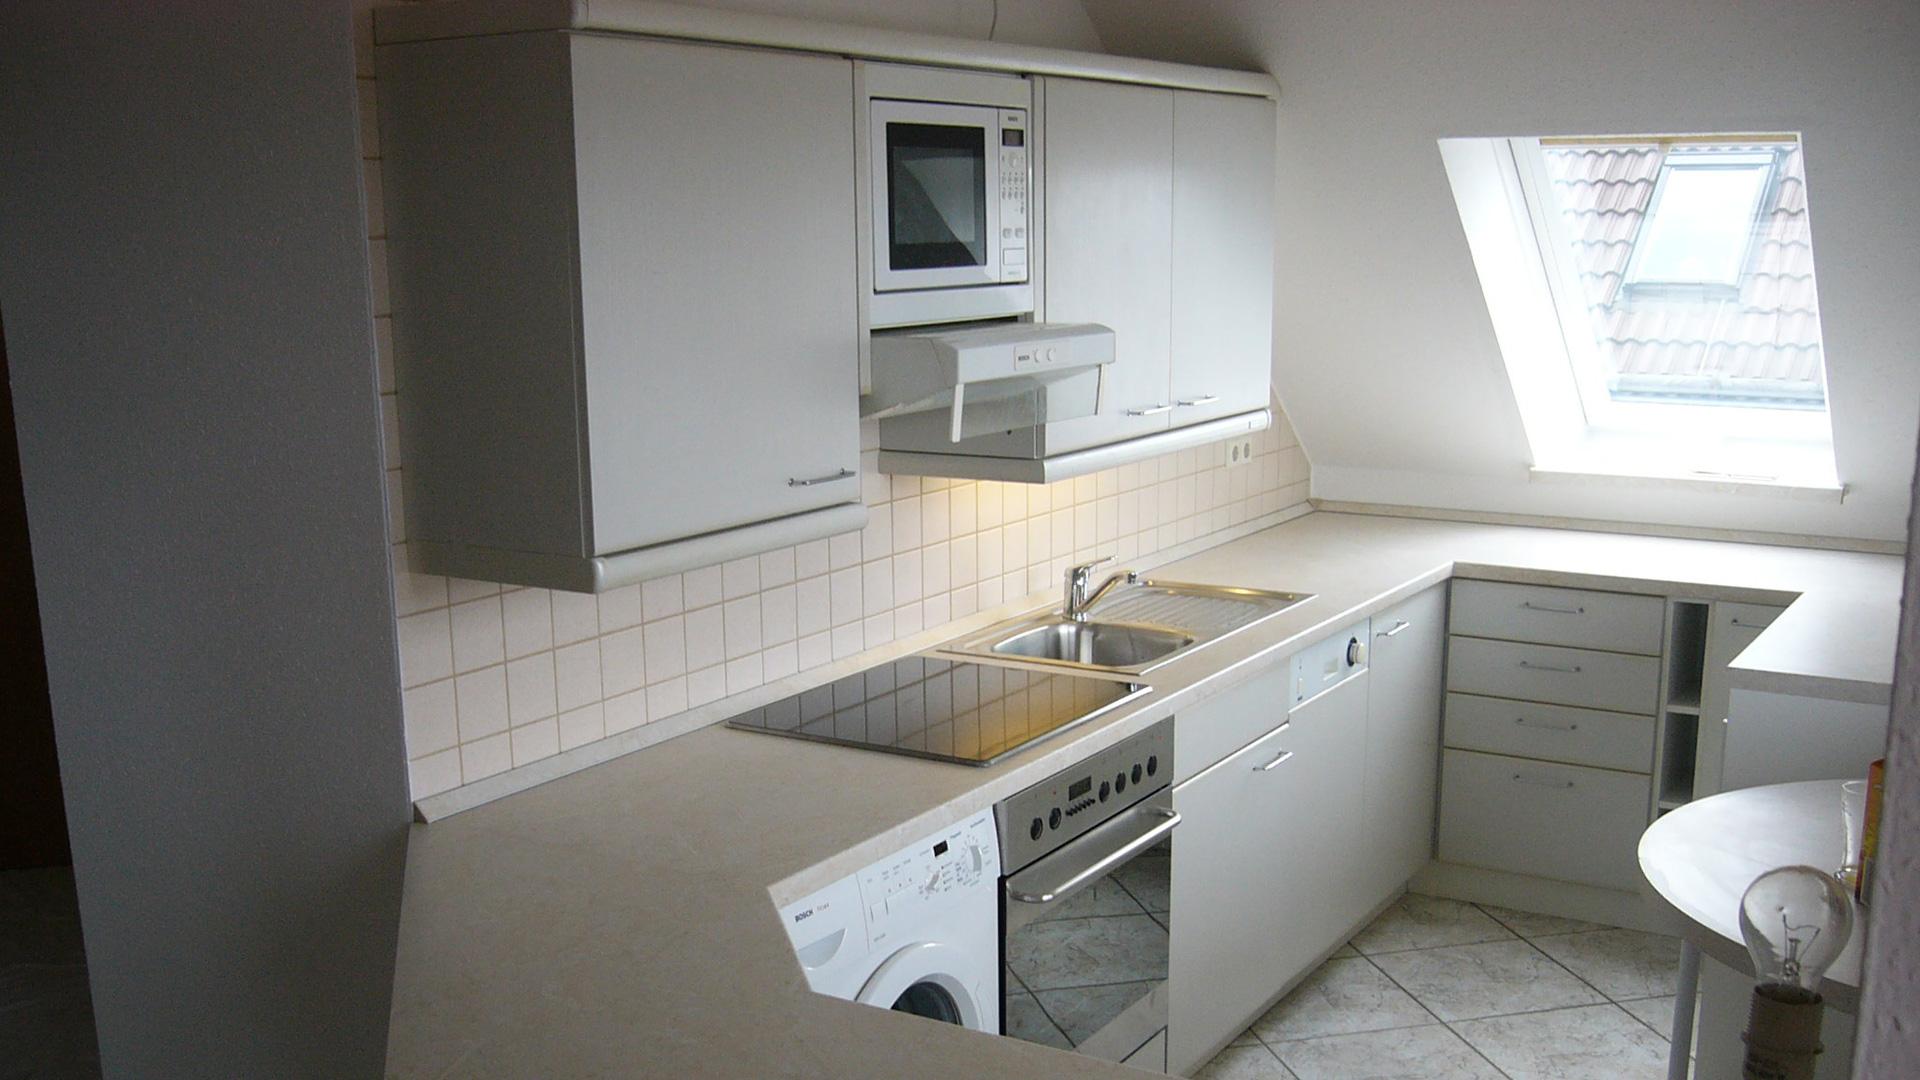 neue einbauk che k che umziehen und k che erweitern in. Black Bedroom Furniture Sets. Home Design Ideas